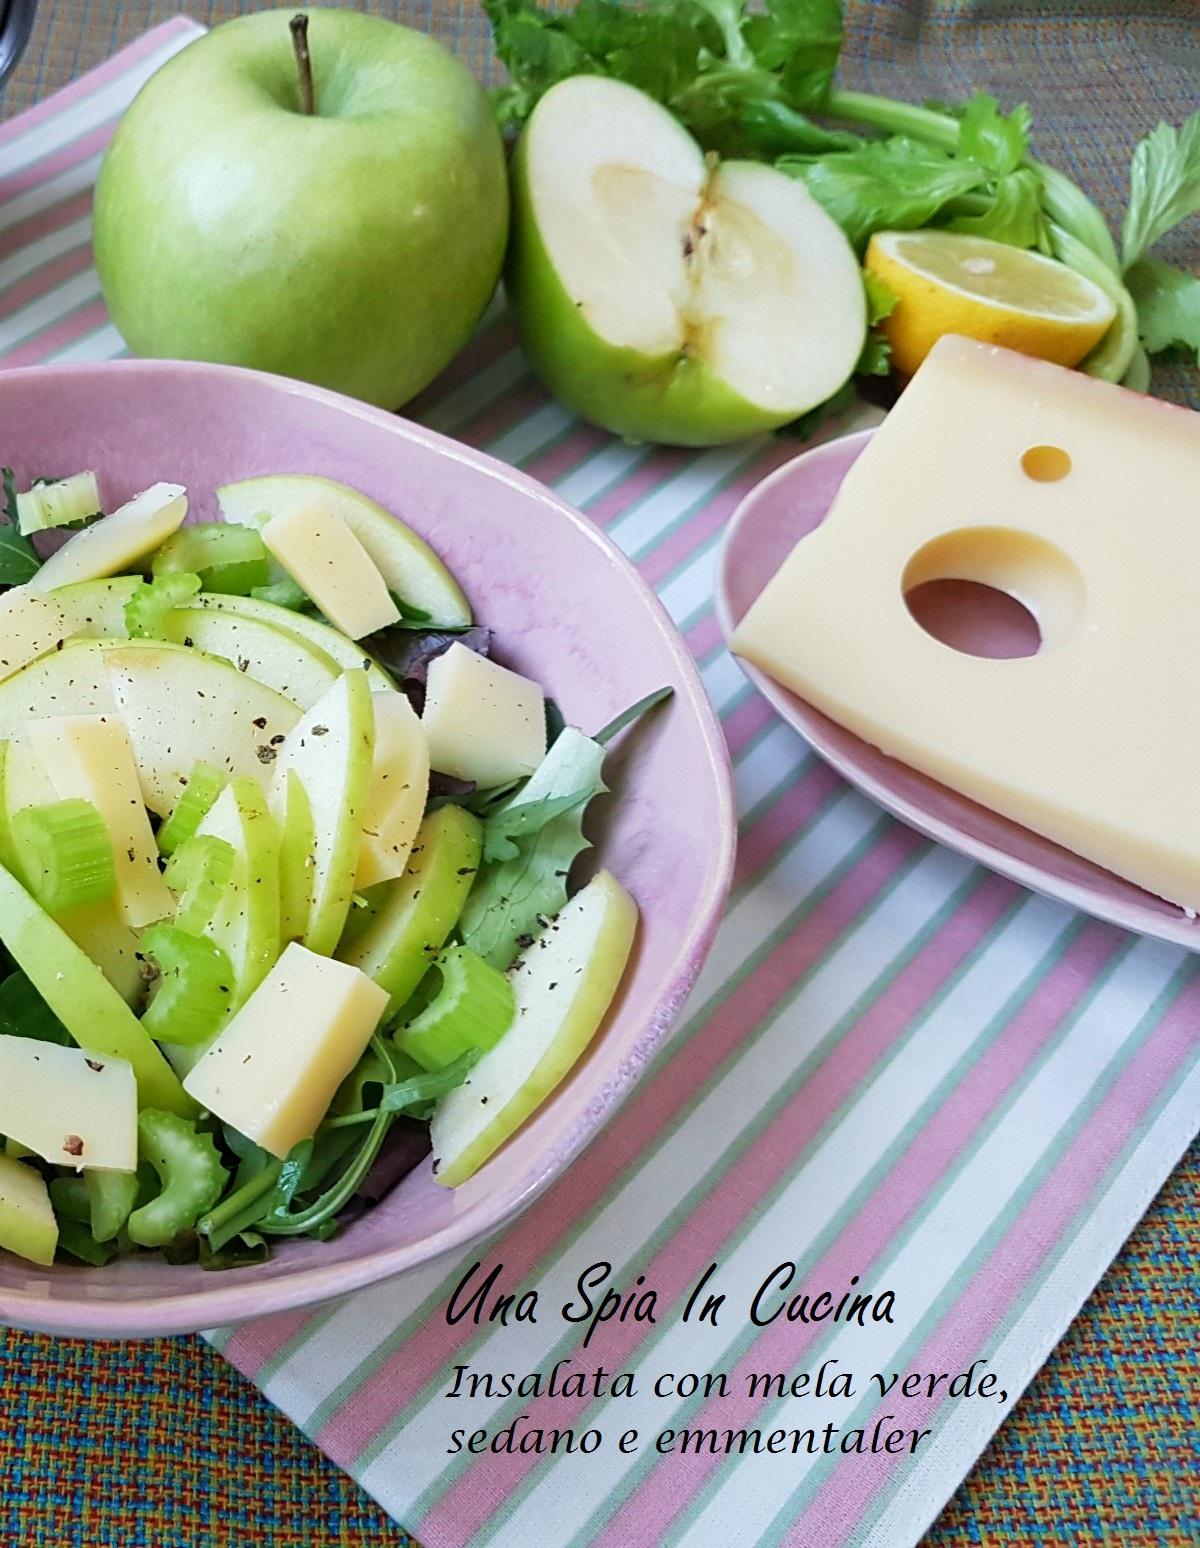 Insalata con mela verde, sedano e emmentaler